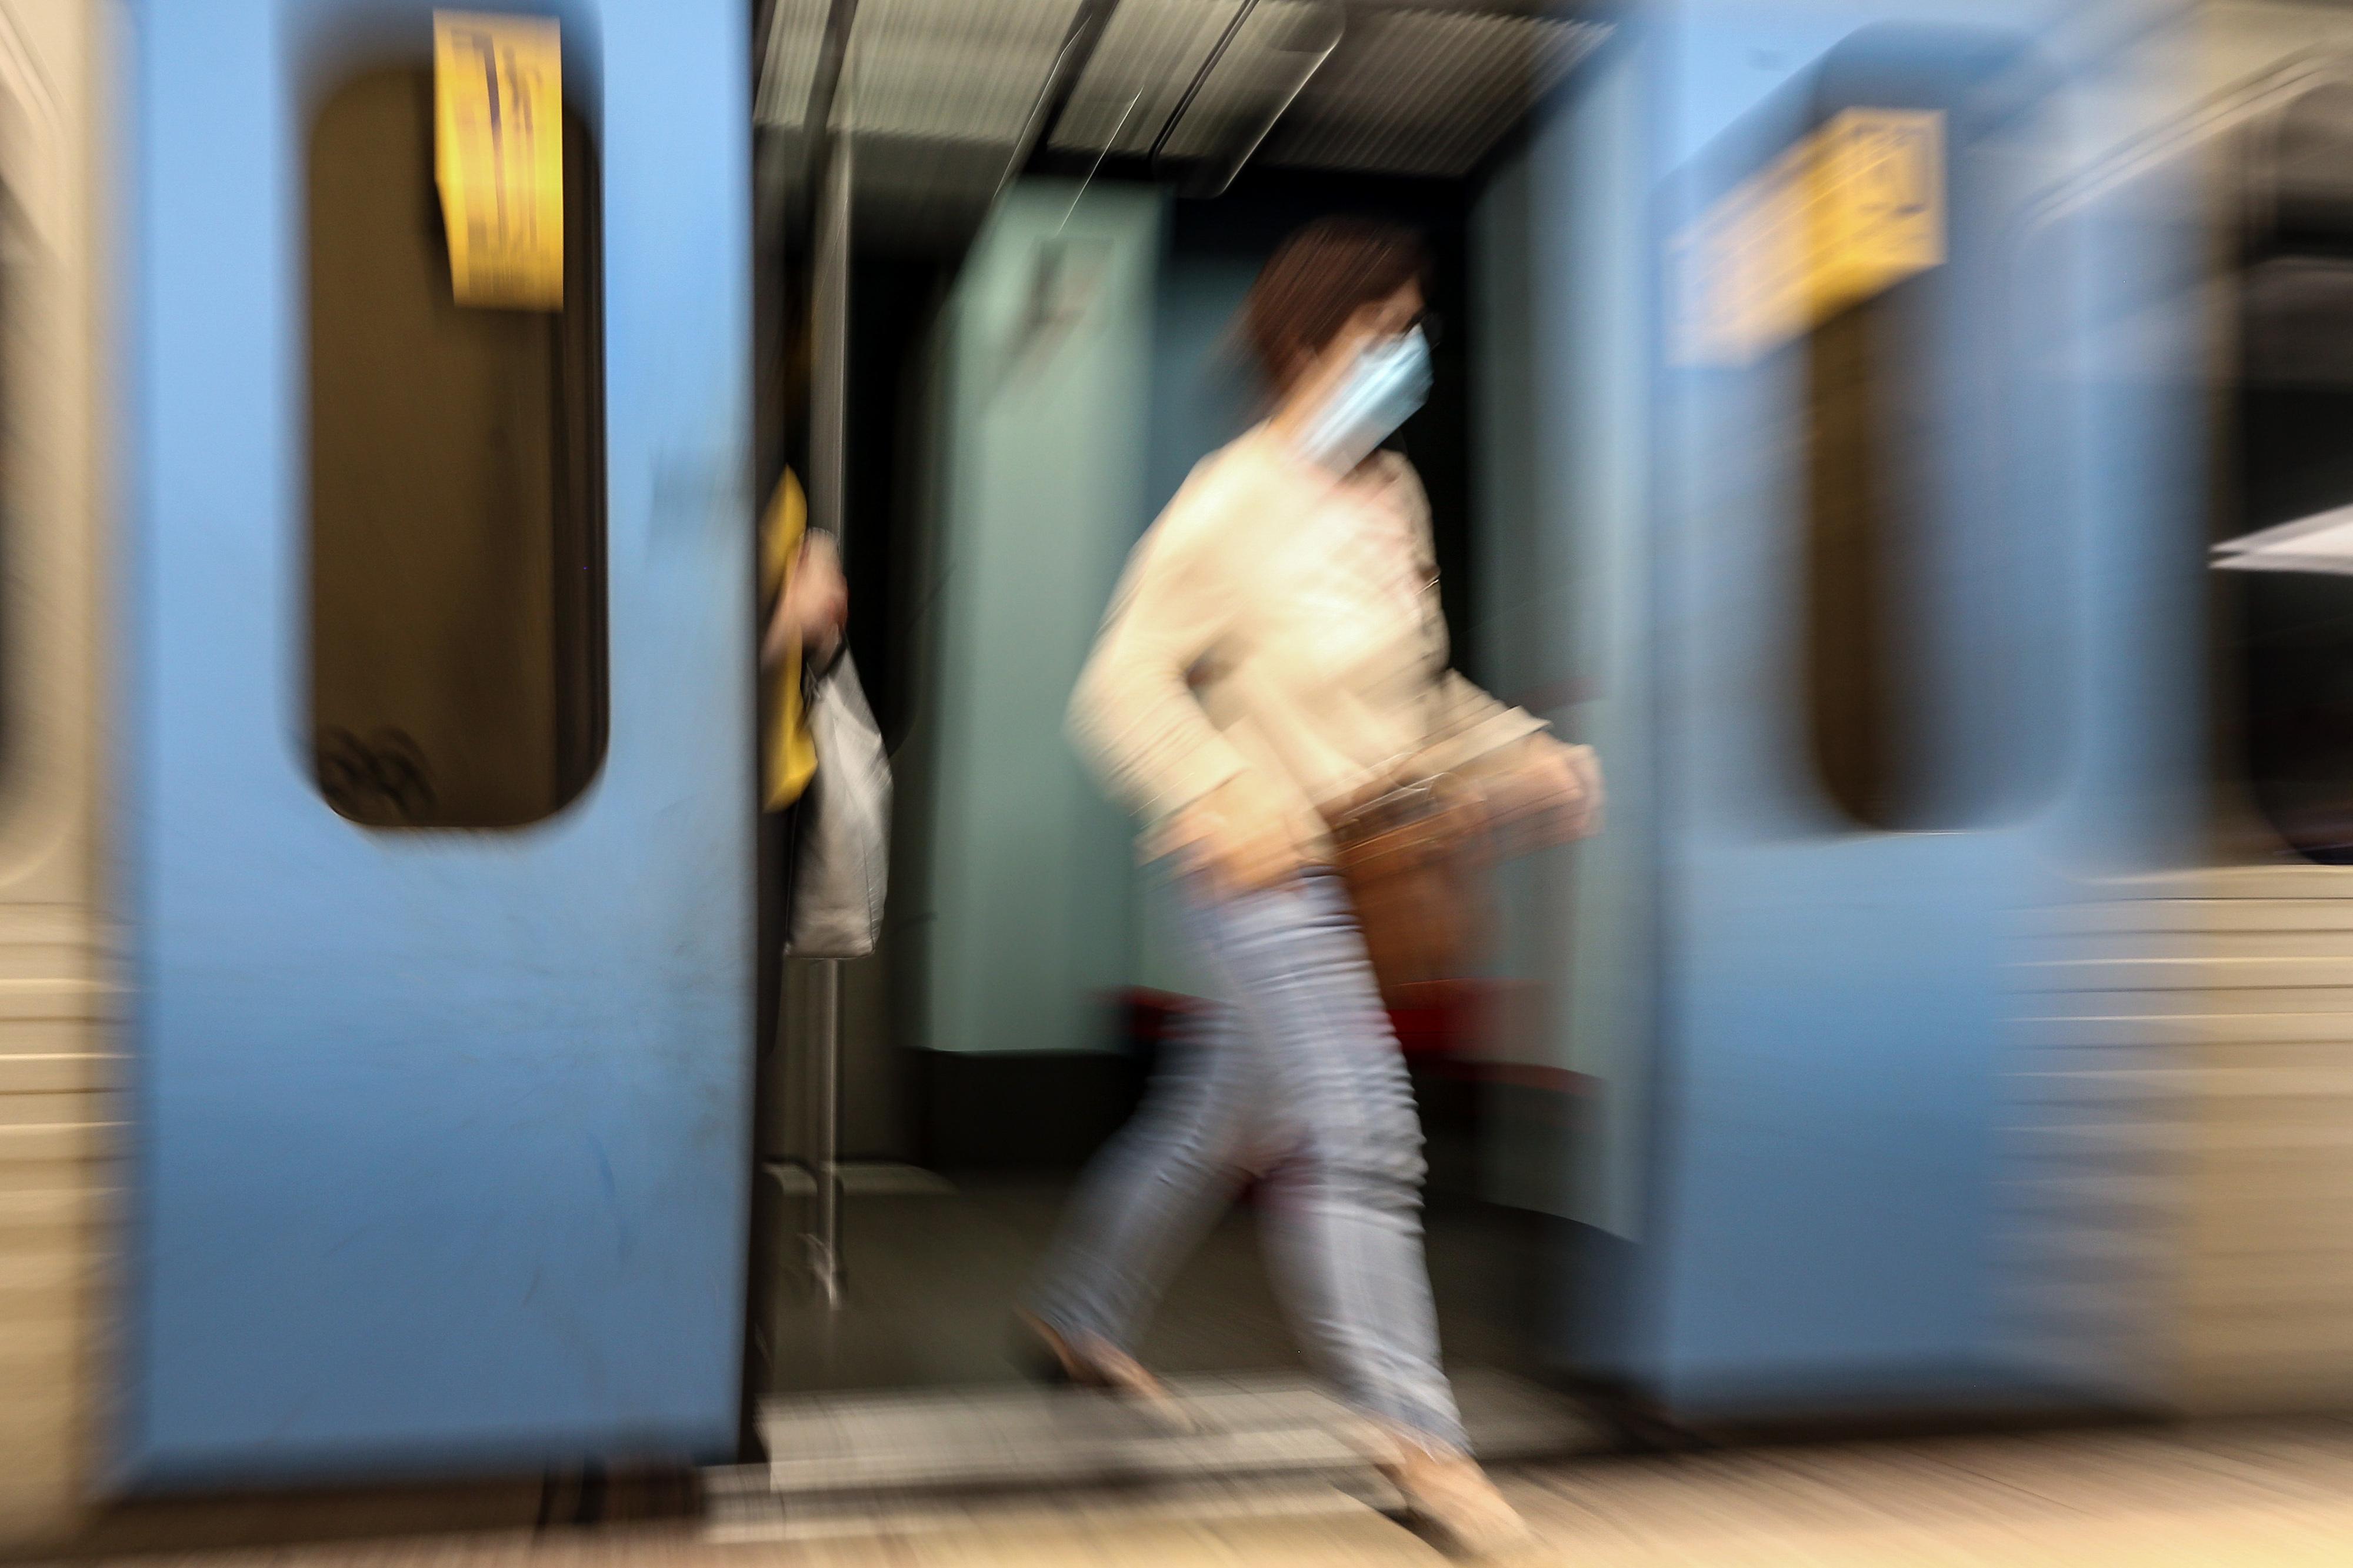 Retomada circulação no Metro de Lisboa após greve parcial dos trabalhadores